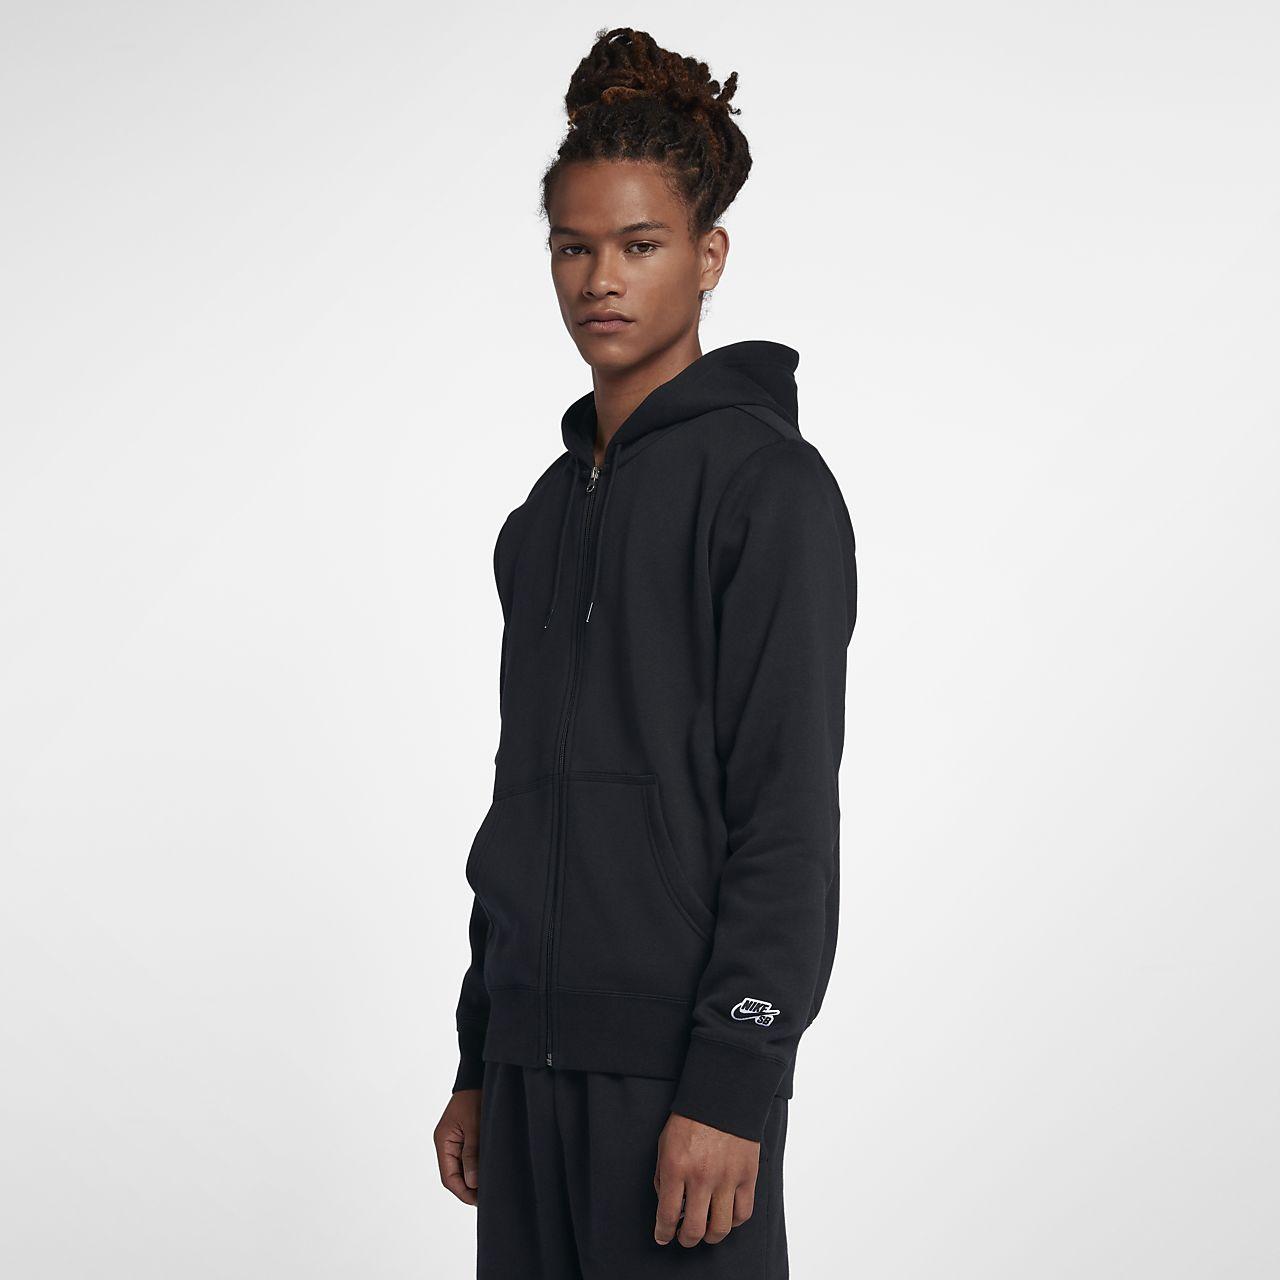 Nike SB Icon Essential 男子全长拉链开襟滑板连帽衫